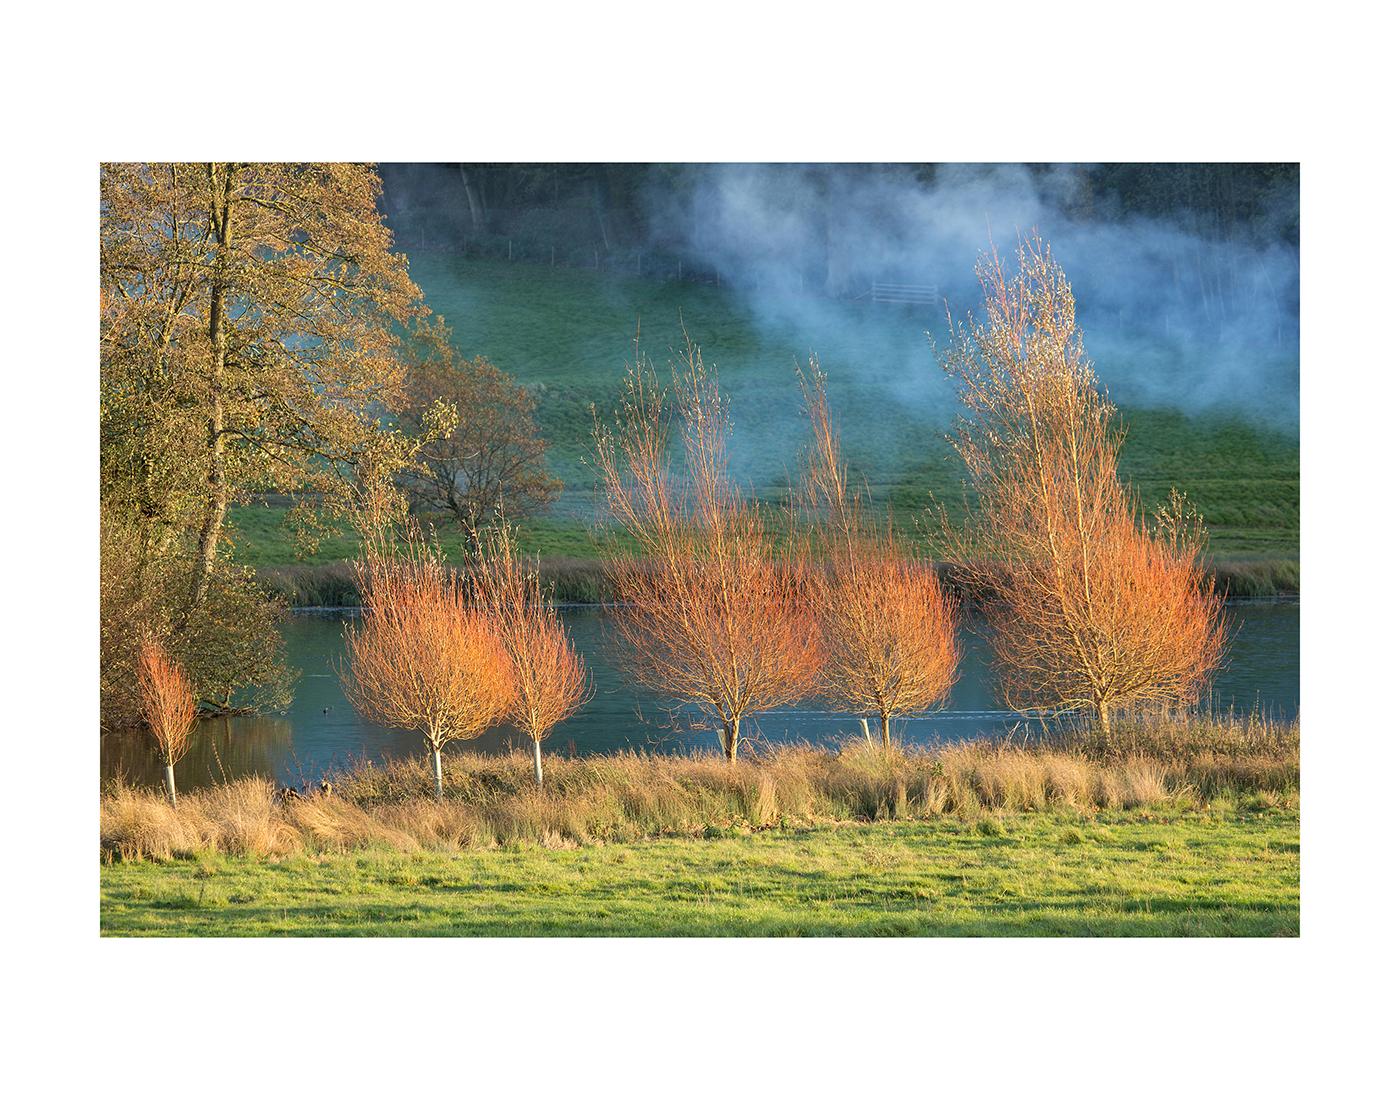 70_Flaming Trees_Sarah Shelley